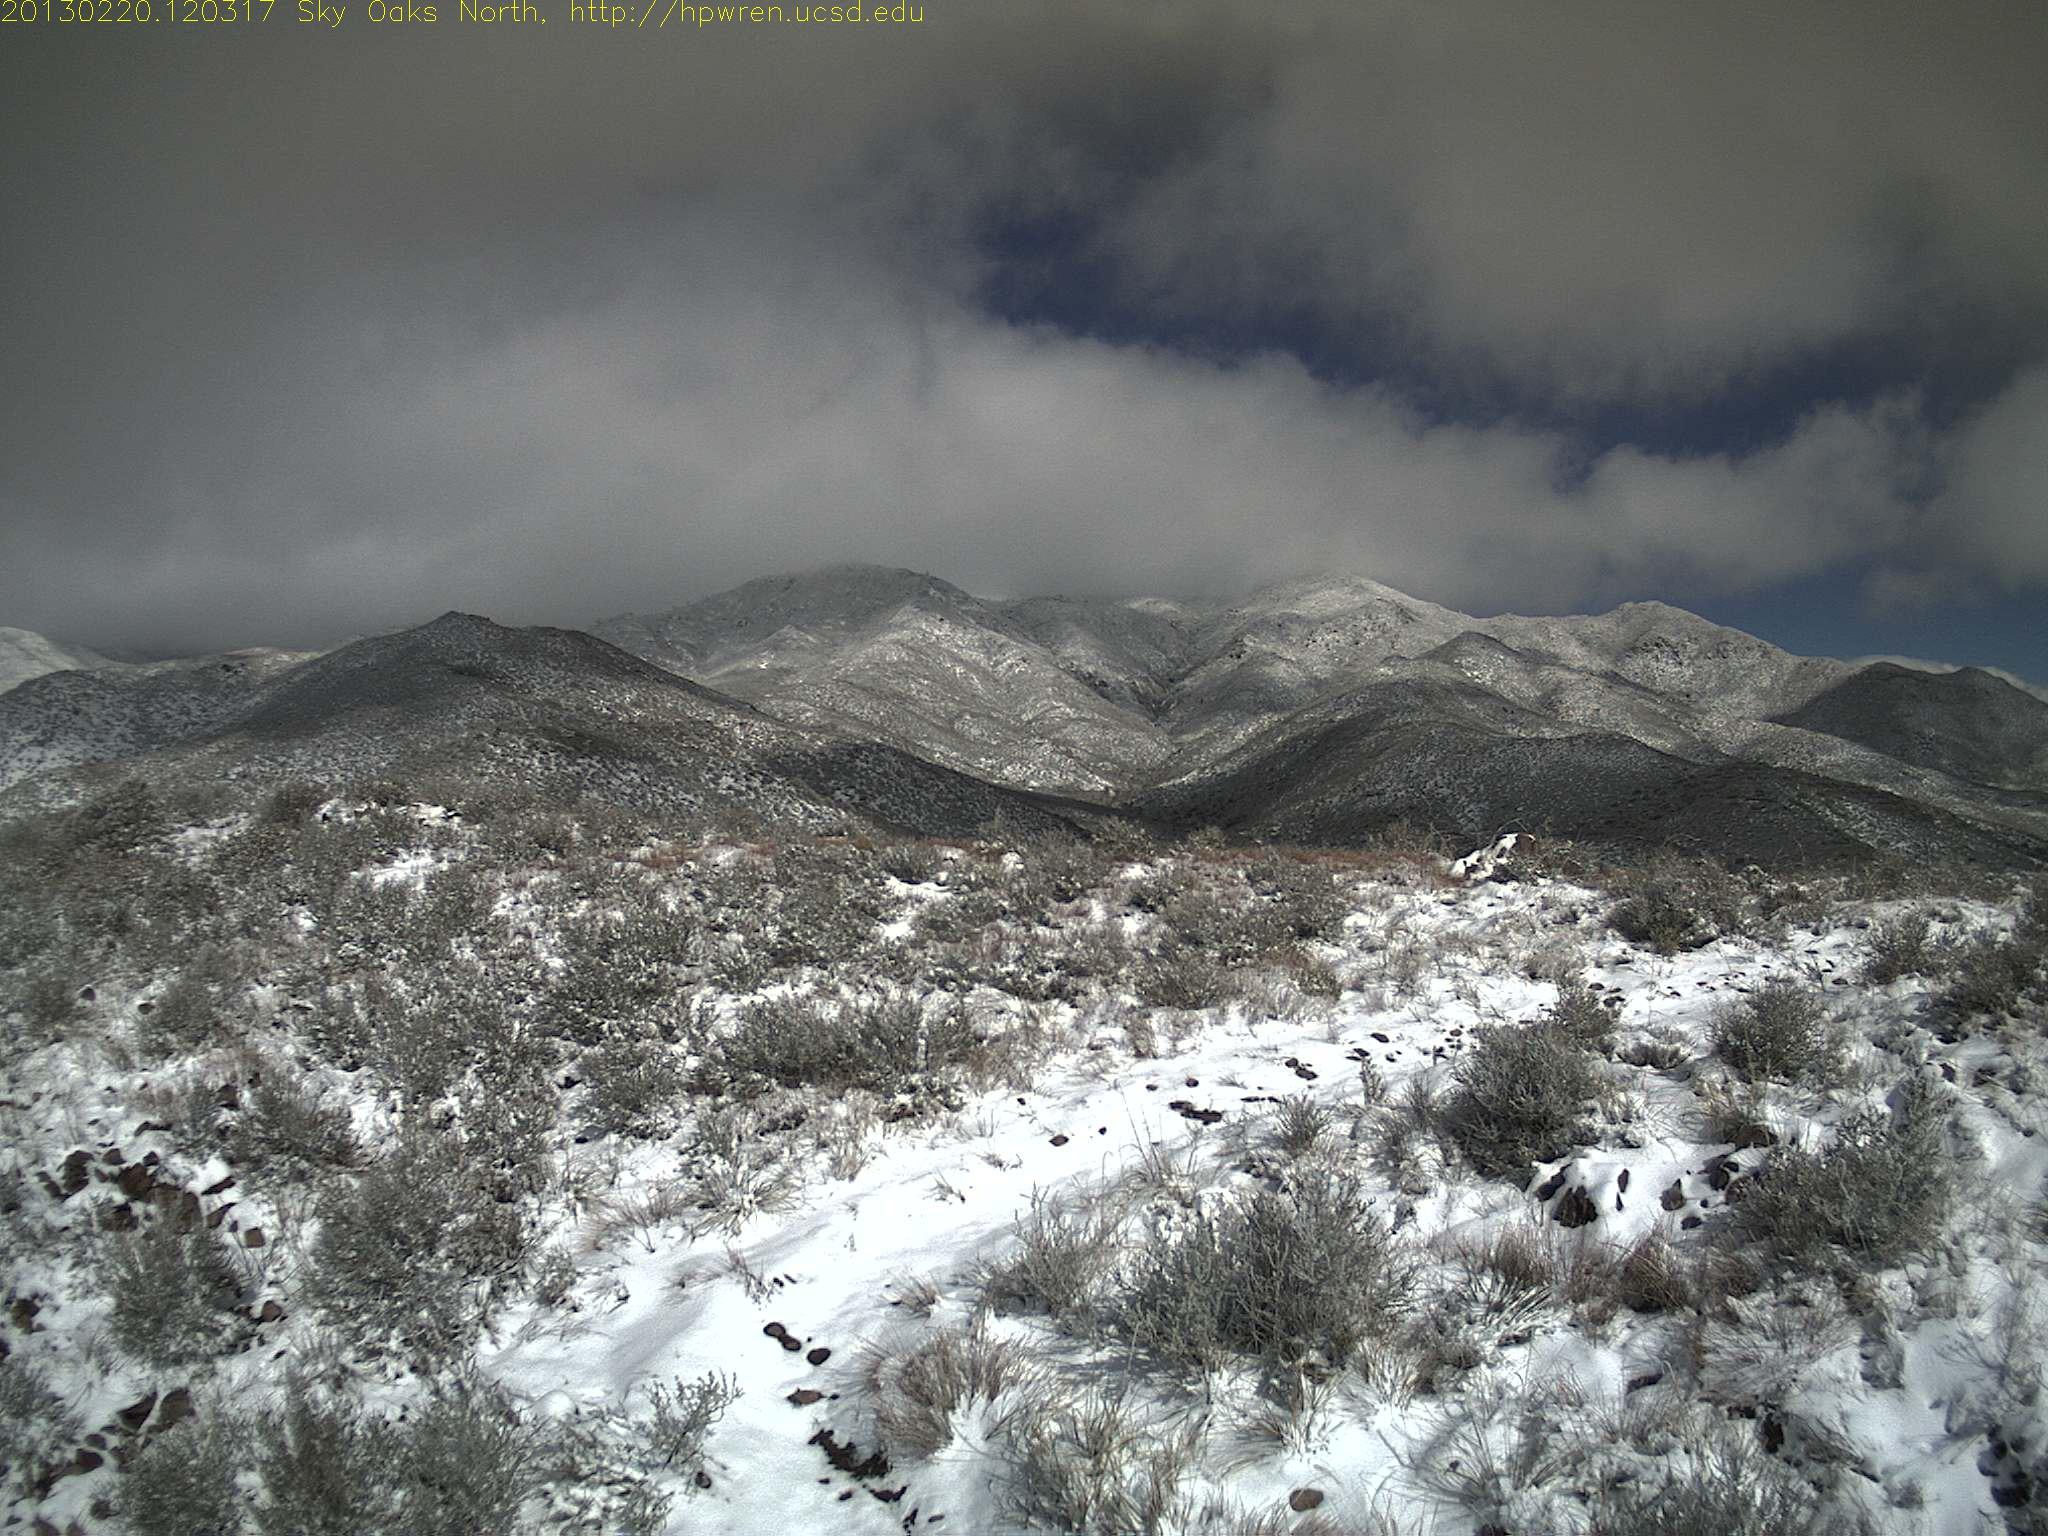 Sky Oaks Snow 2013